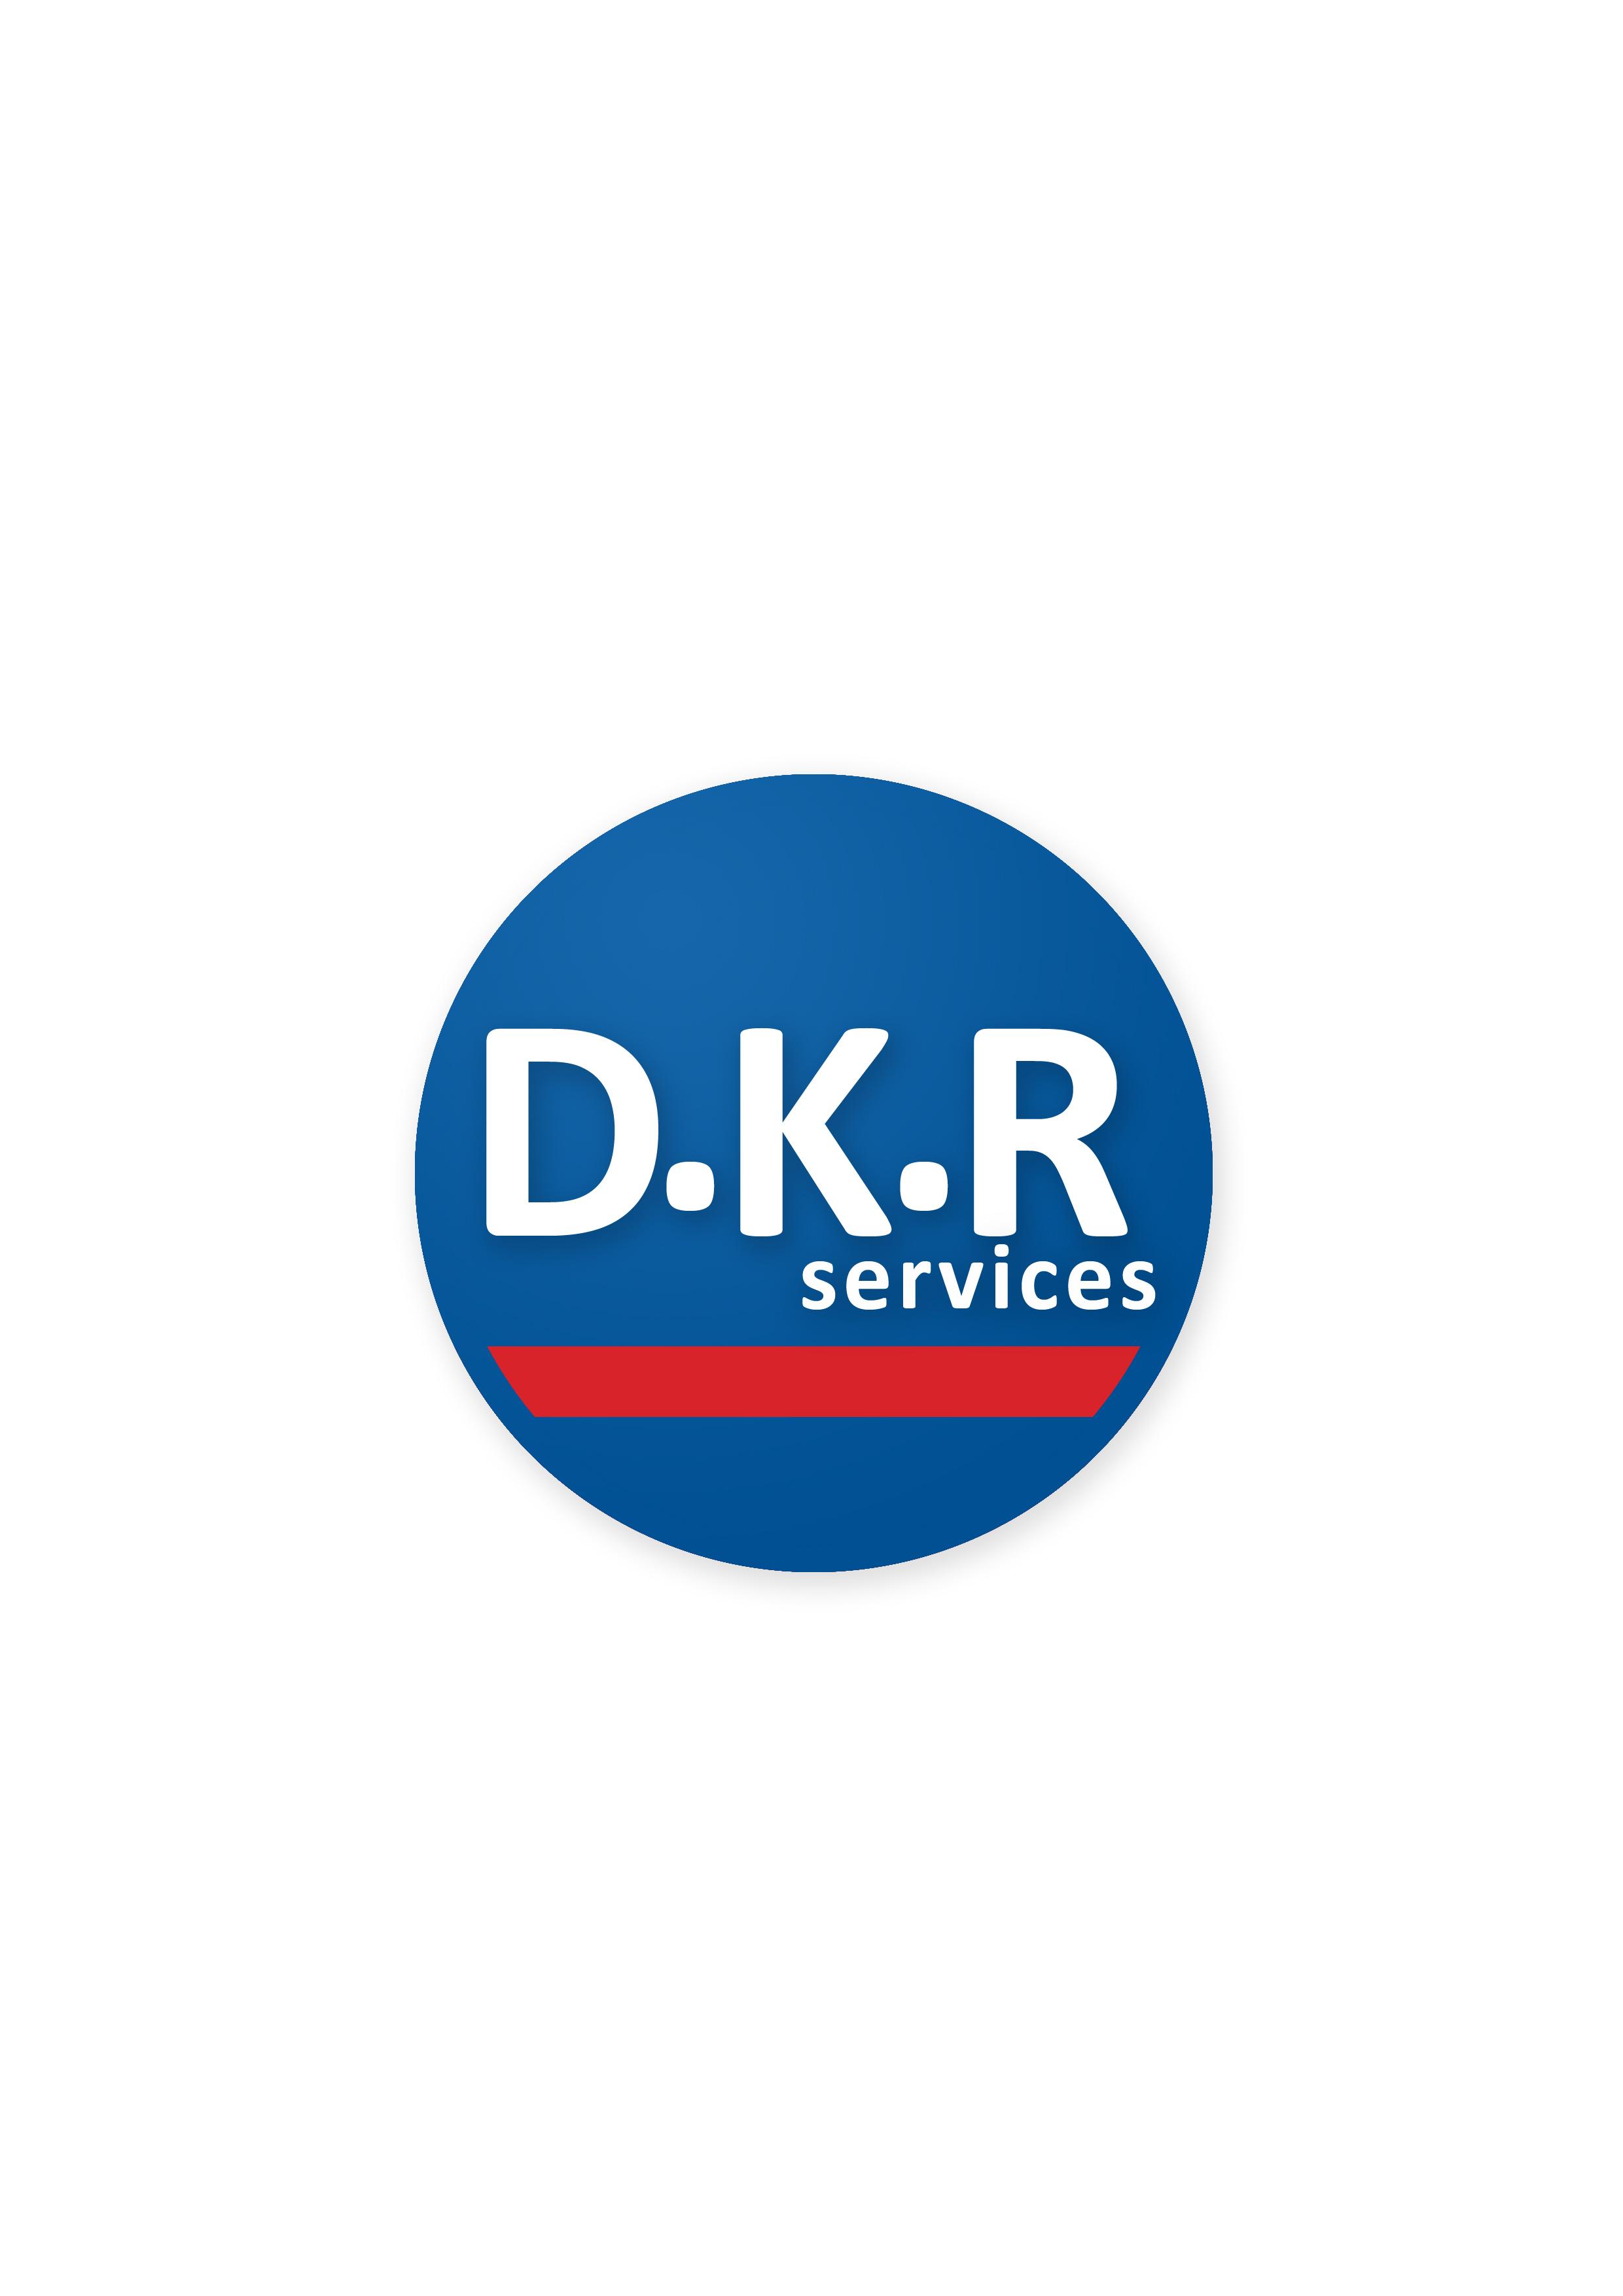 DKR SERVICES